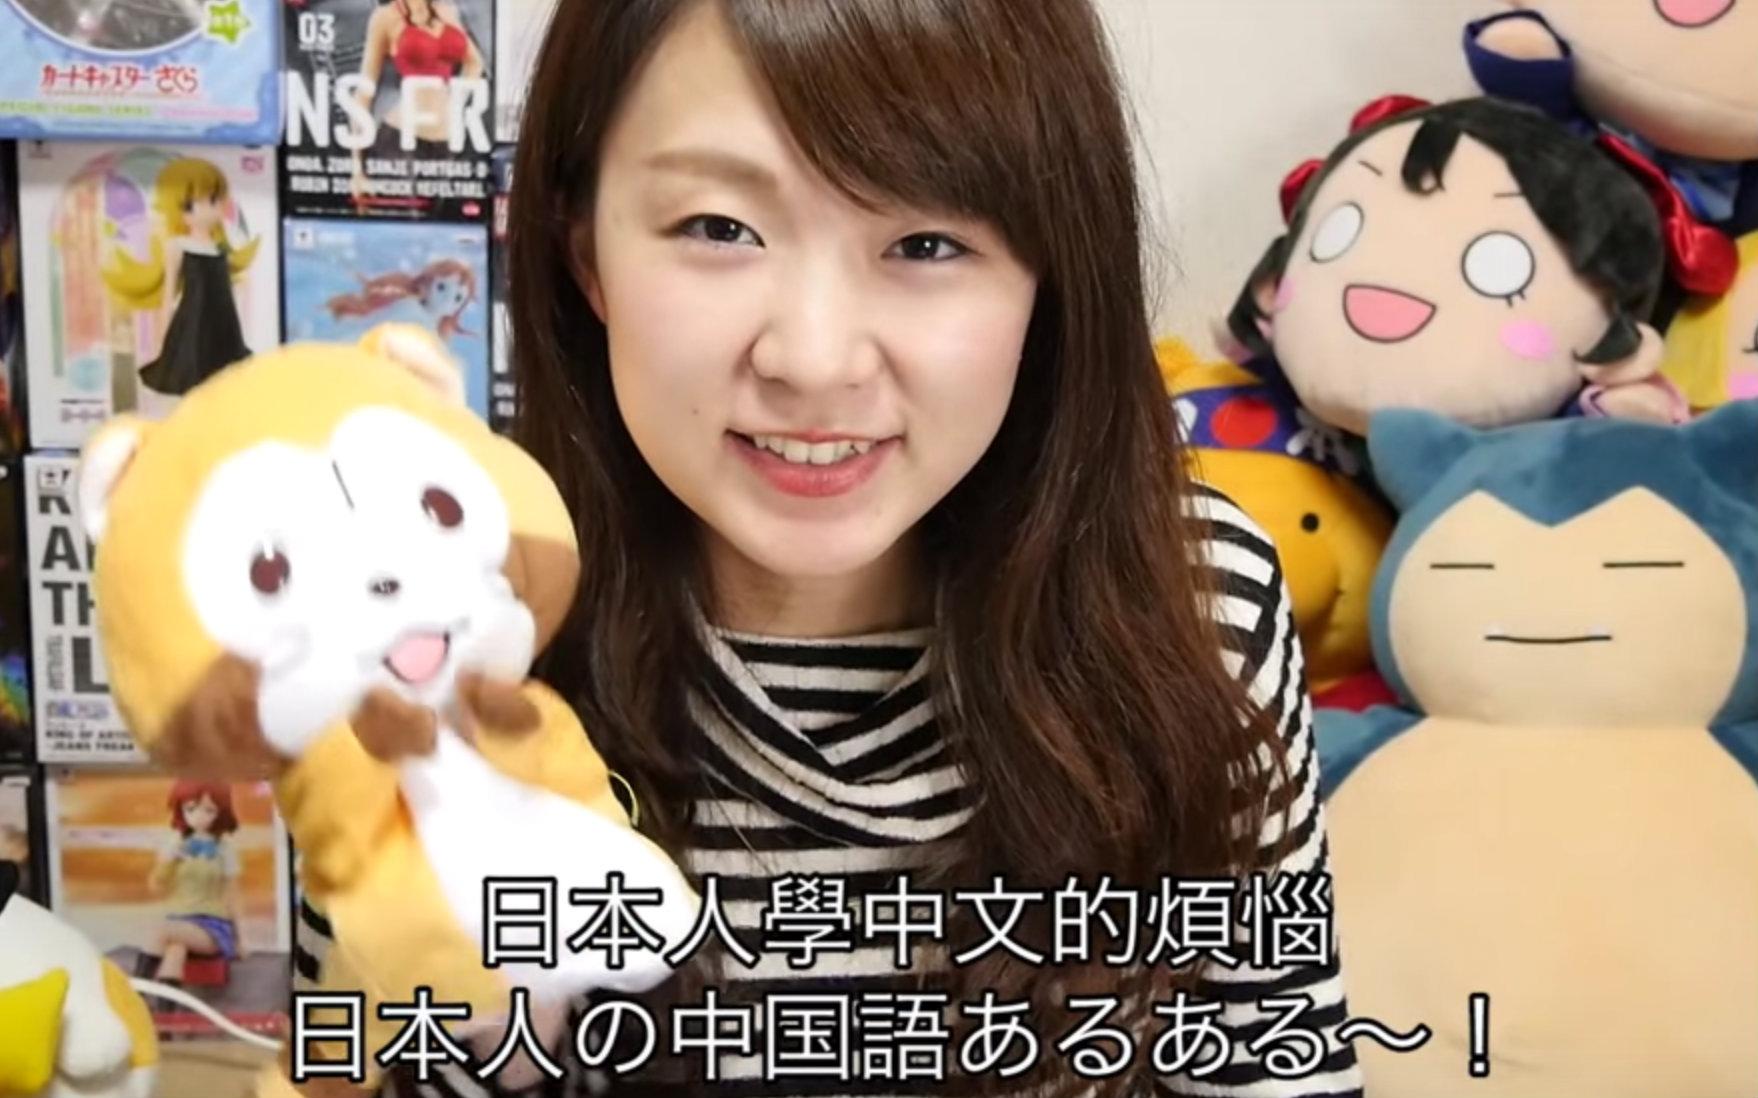 日本人学中文的烦恼 || #2_搞笑_娱乐_bilibili_哔